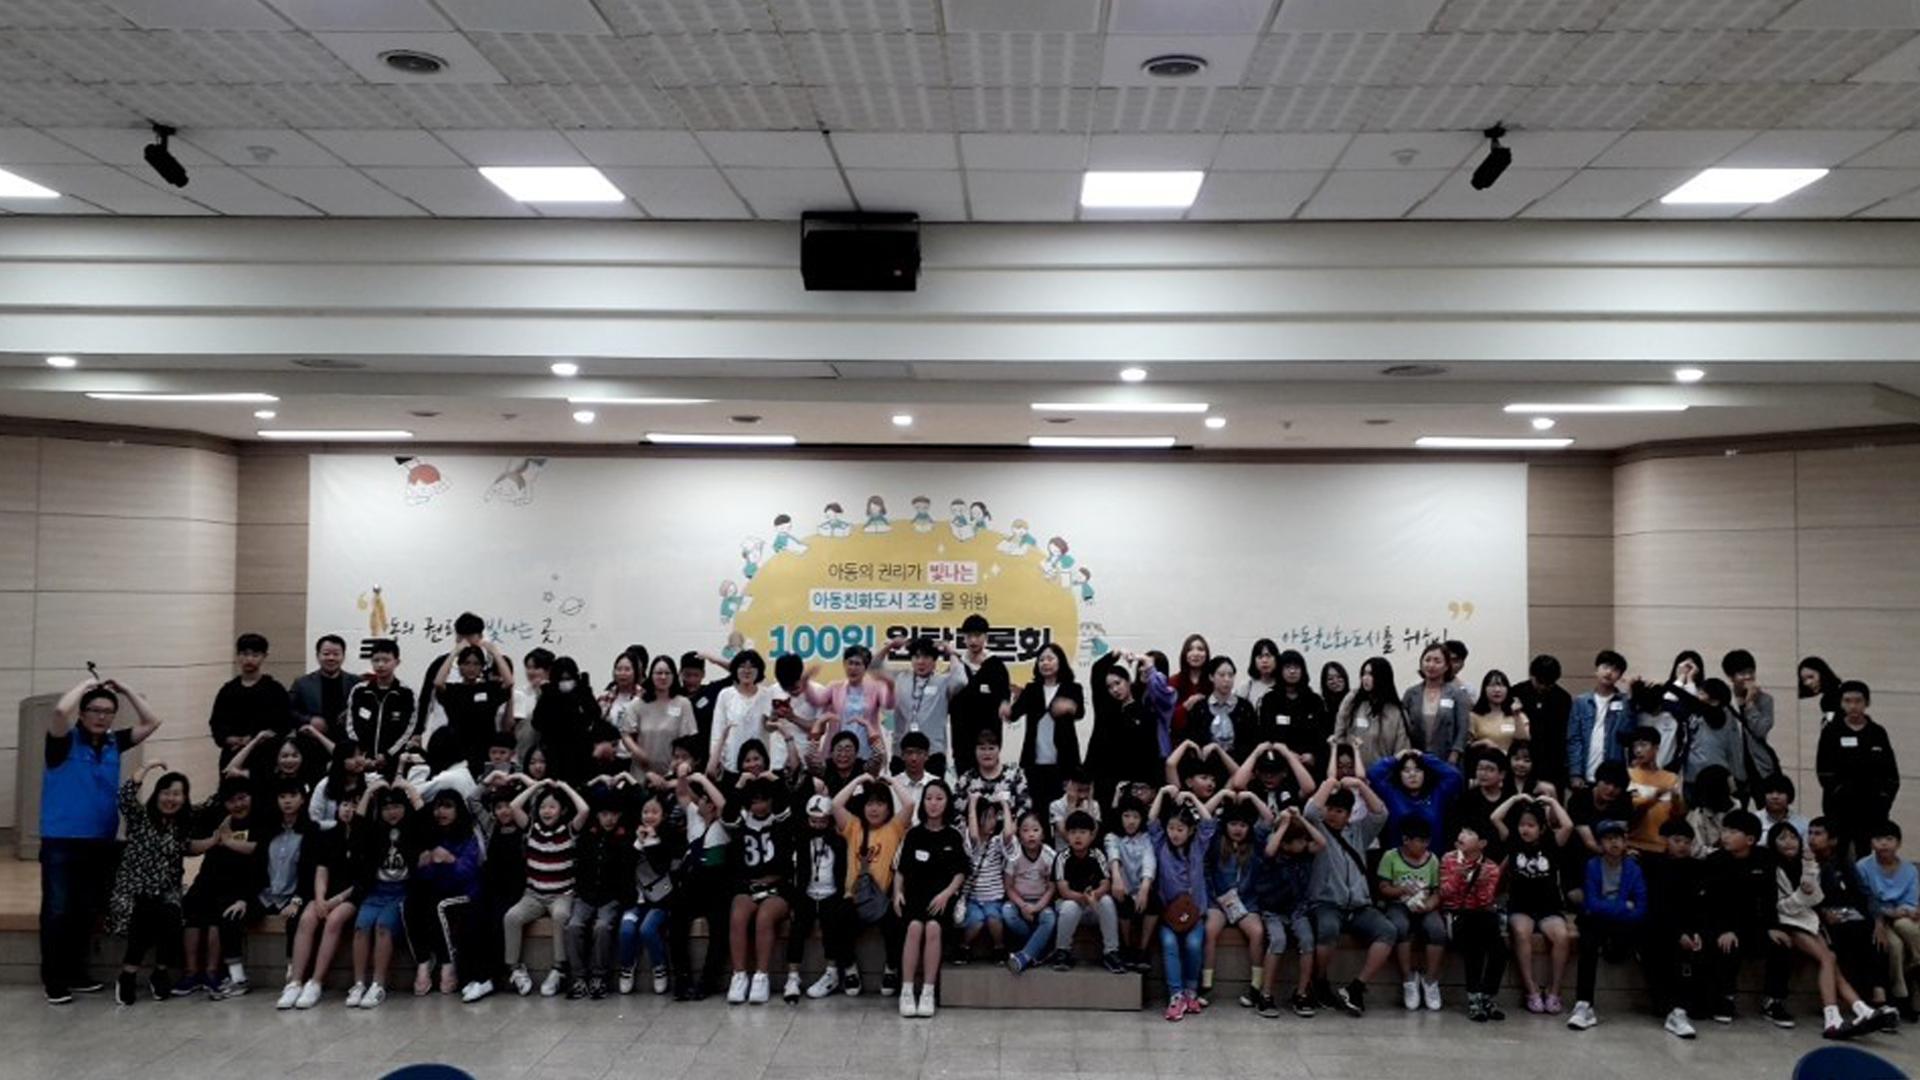 [청주시]유니세프 아동친화도시 조성을 위한 원탁토론회